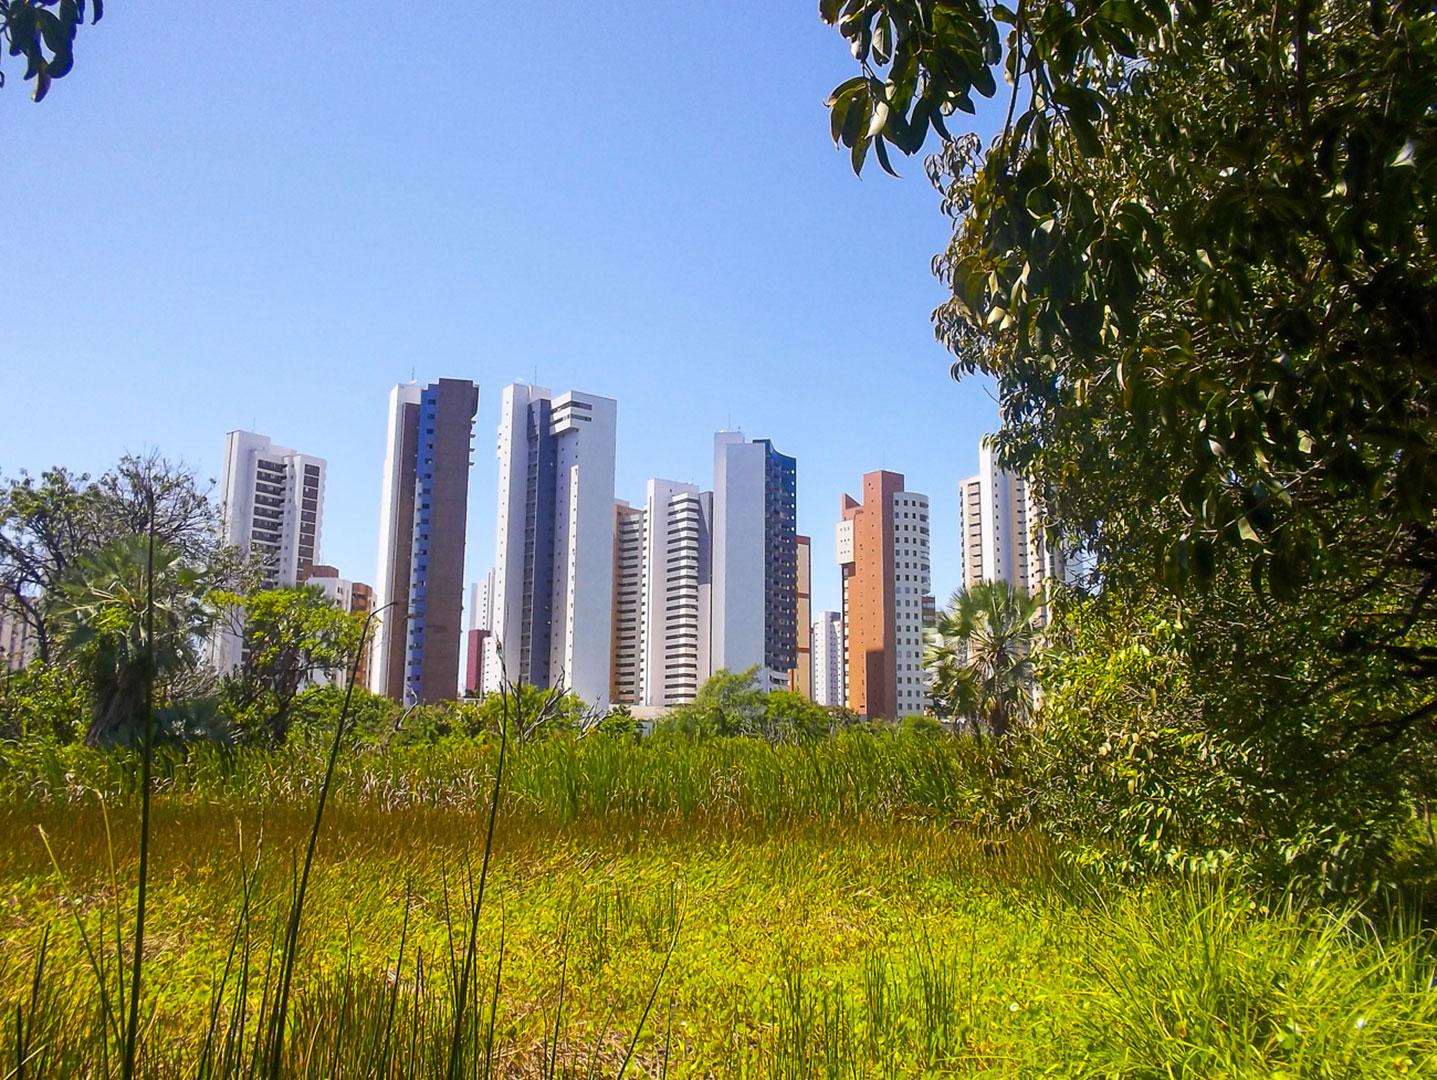 Fortaleza-Brazil-by-Polina-Paraskevopoulou-la-vie-en-blog-64